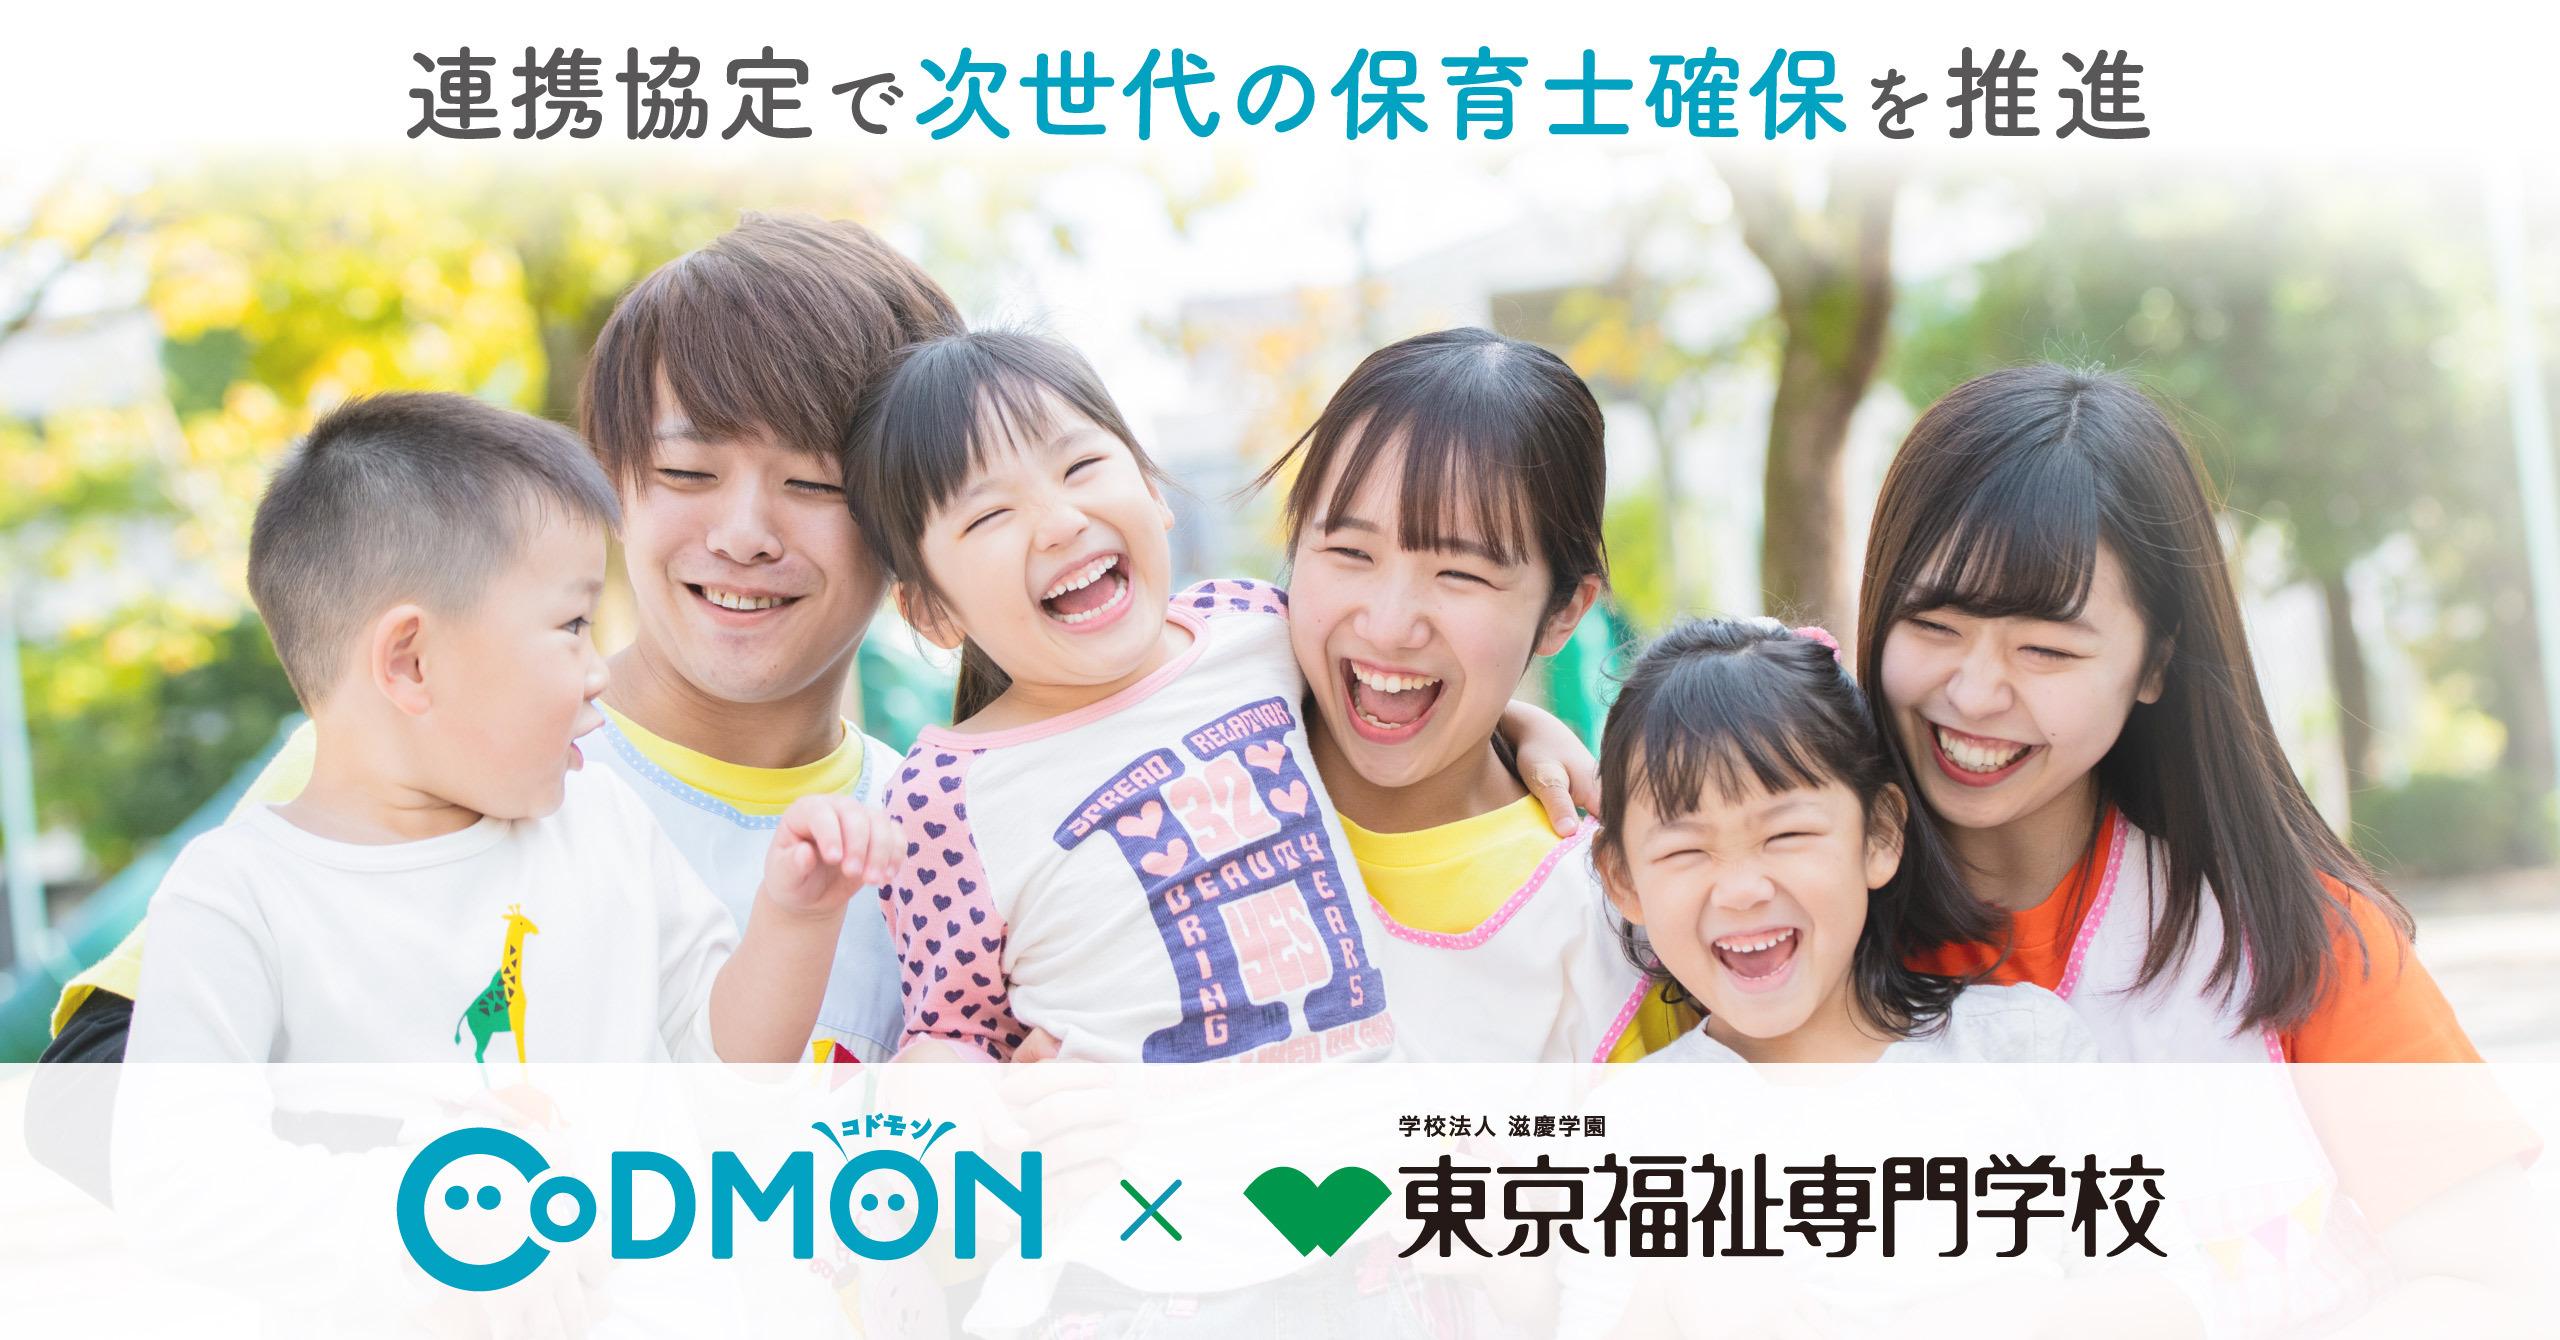 コドモン、東京福祉専門学校との包括連携協定で 次世代の保育士確保を推進へ